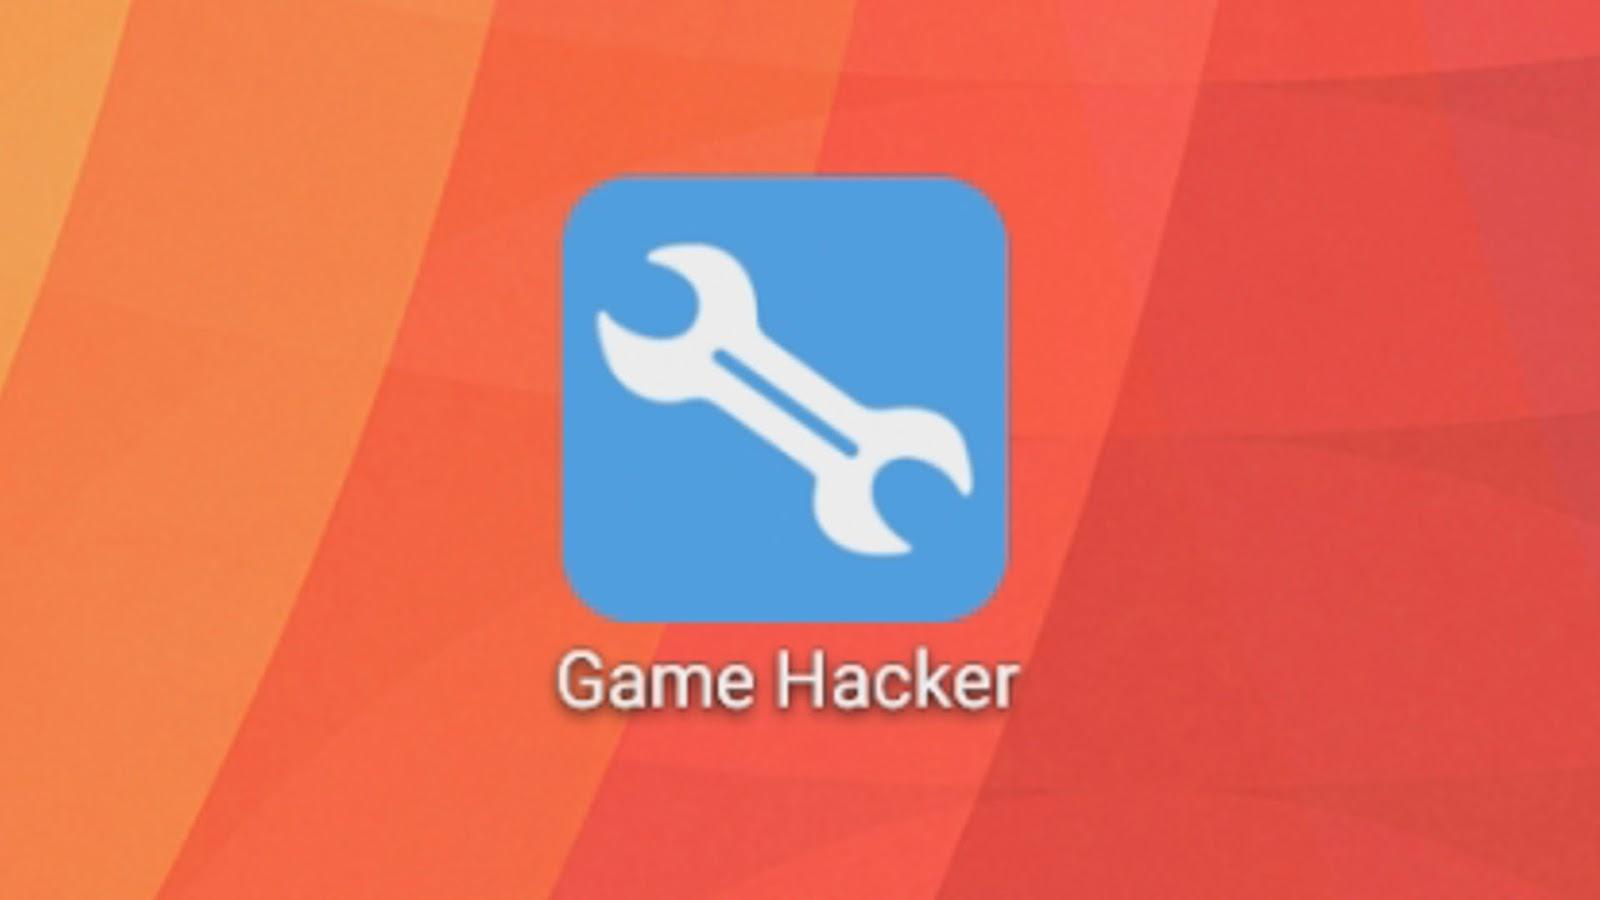 Game Hacker App